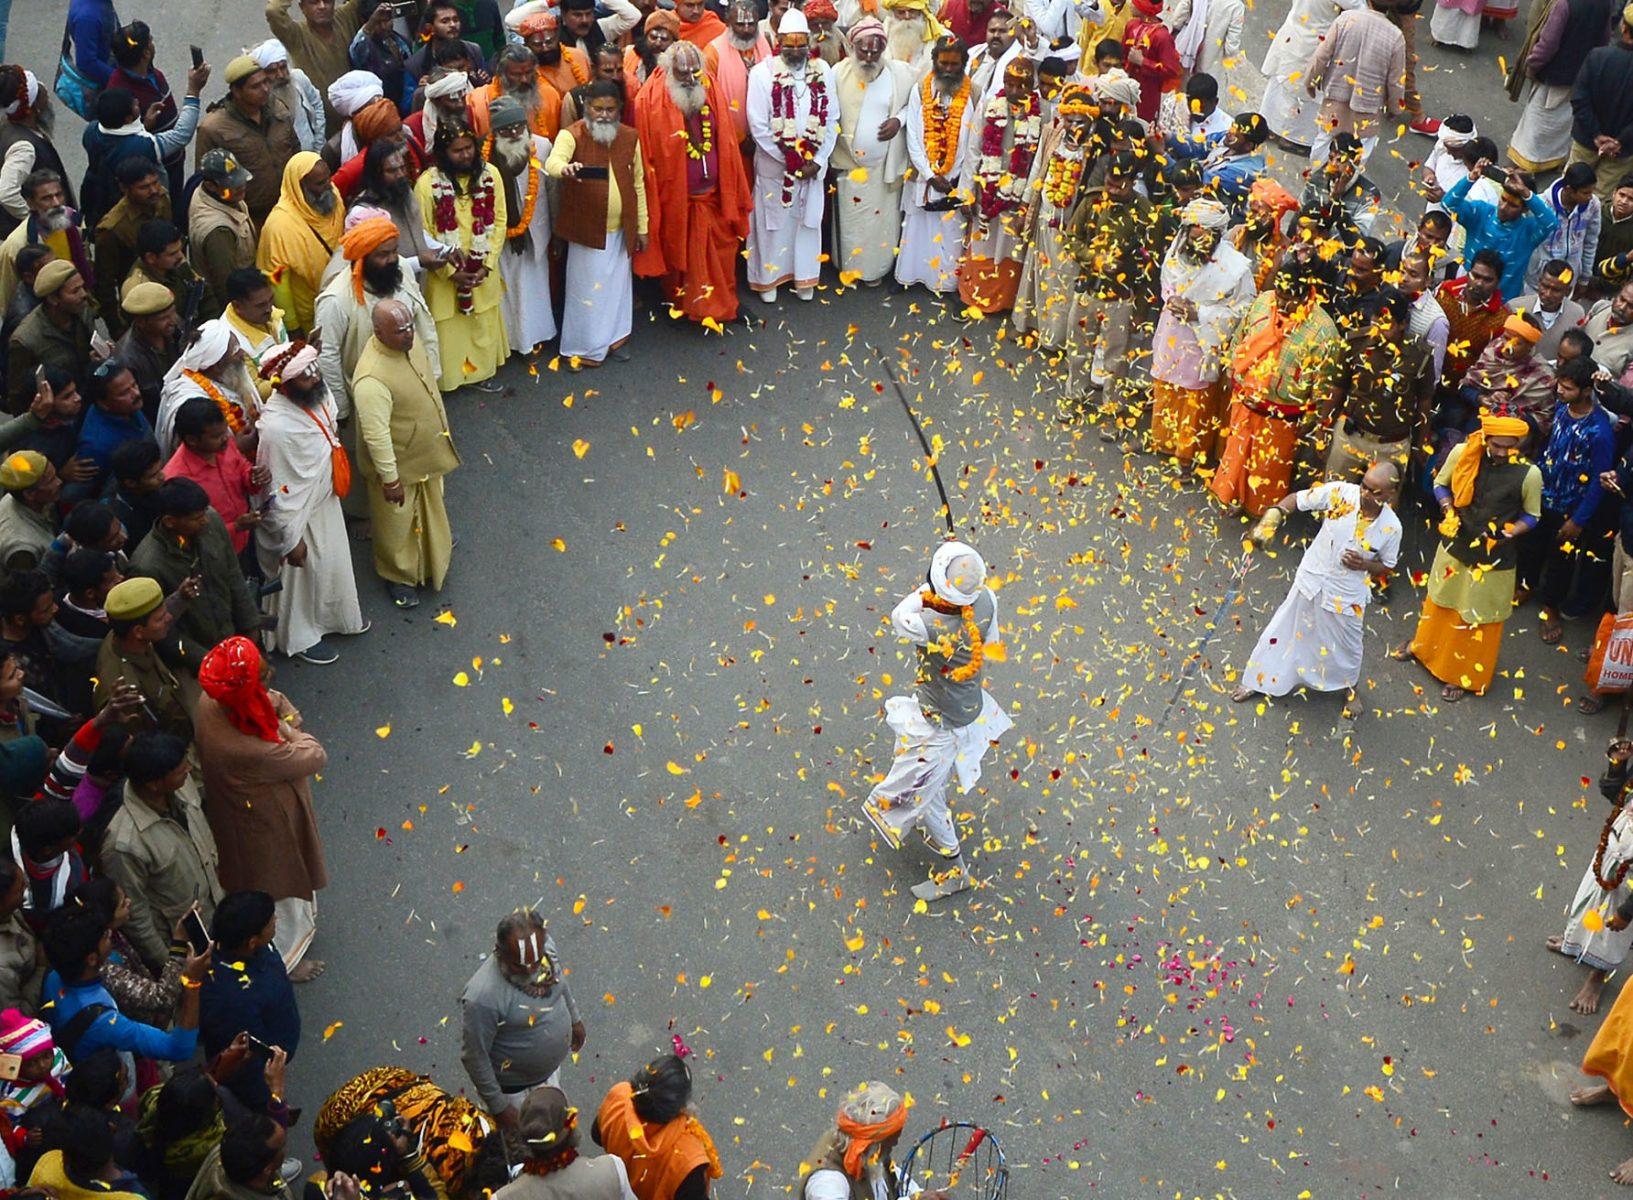 """Ινδία Covid-19: Παρά την πανδημία διοργανώνεται το φεστιβάλ """"Kumbh Mela"""""""